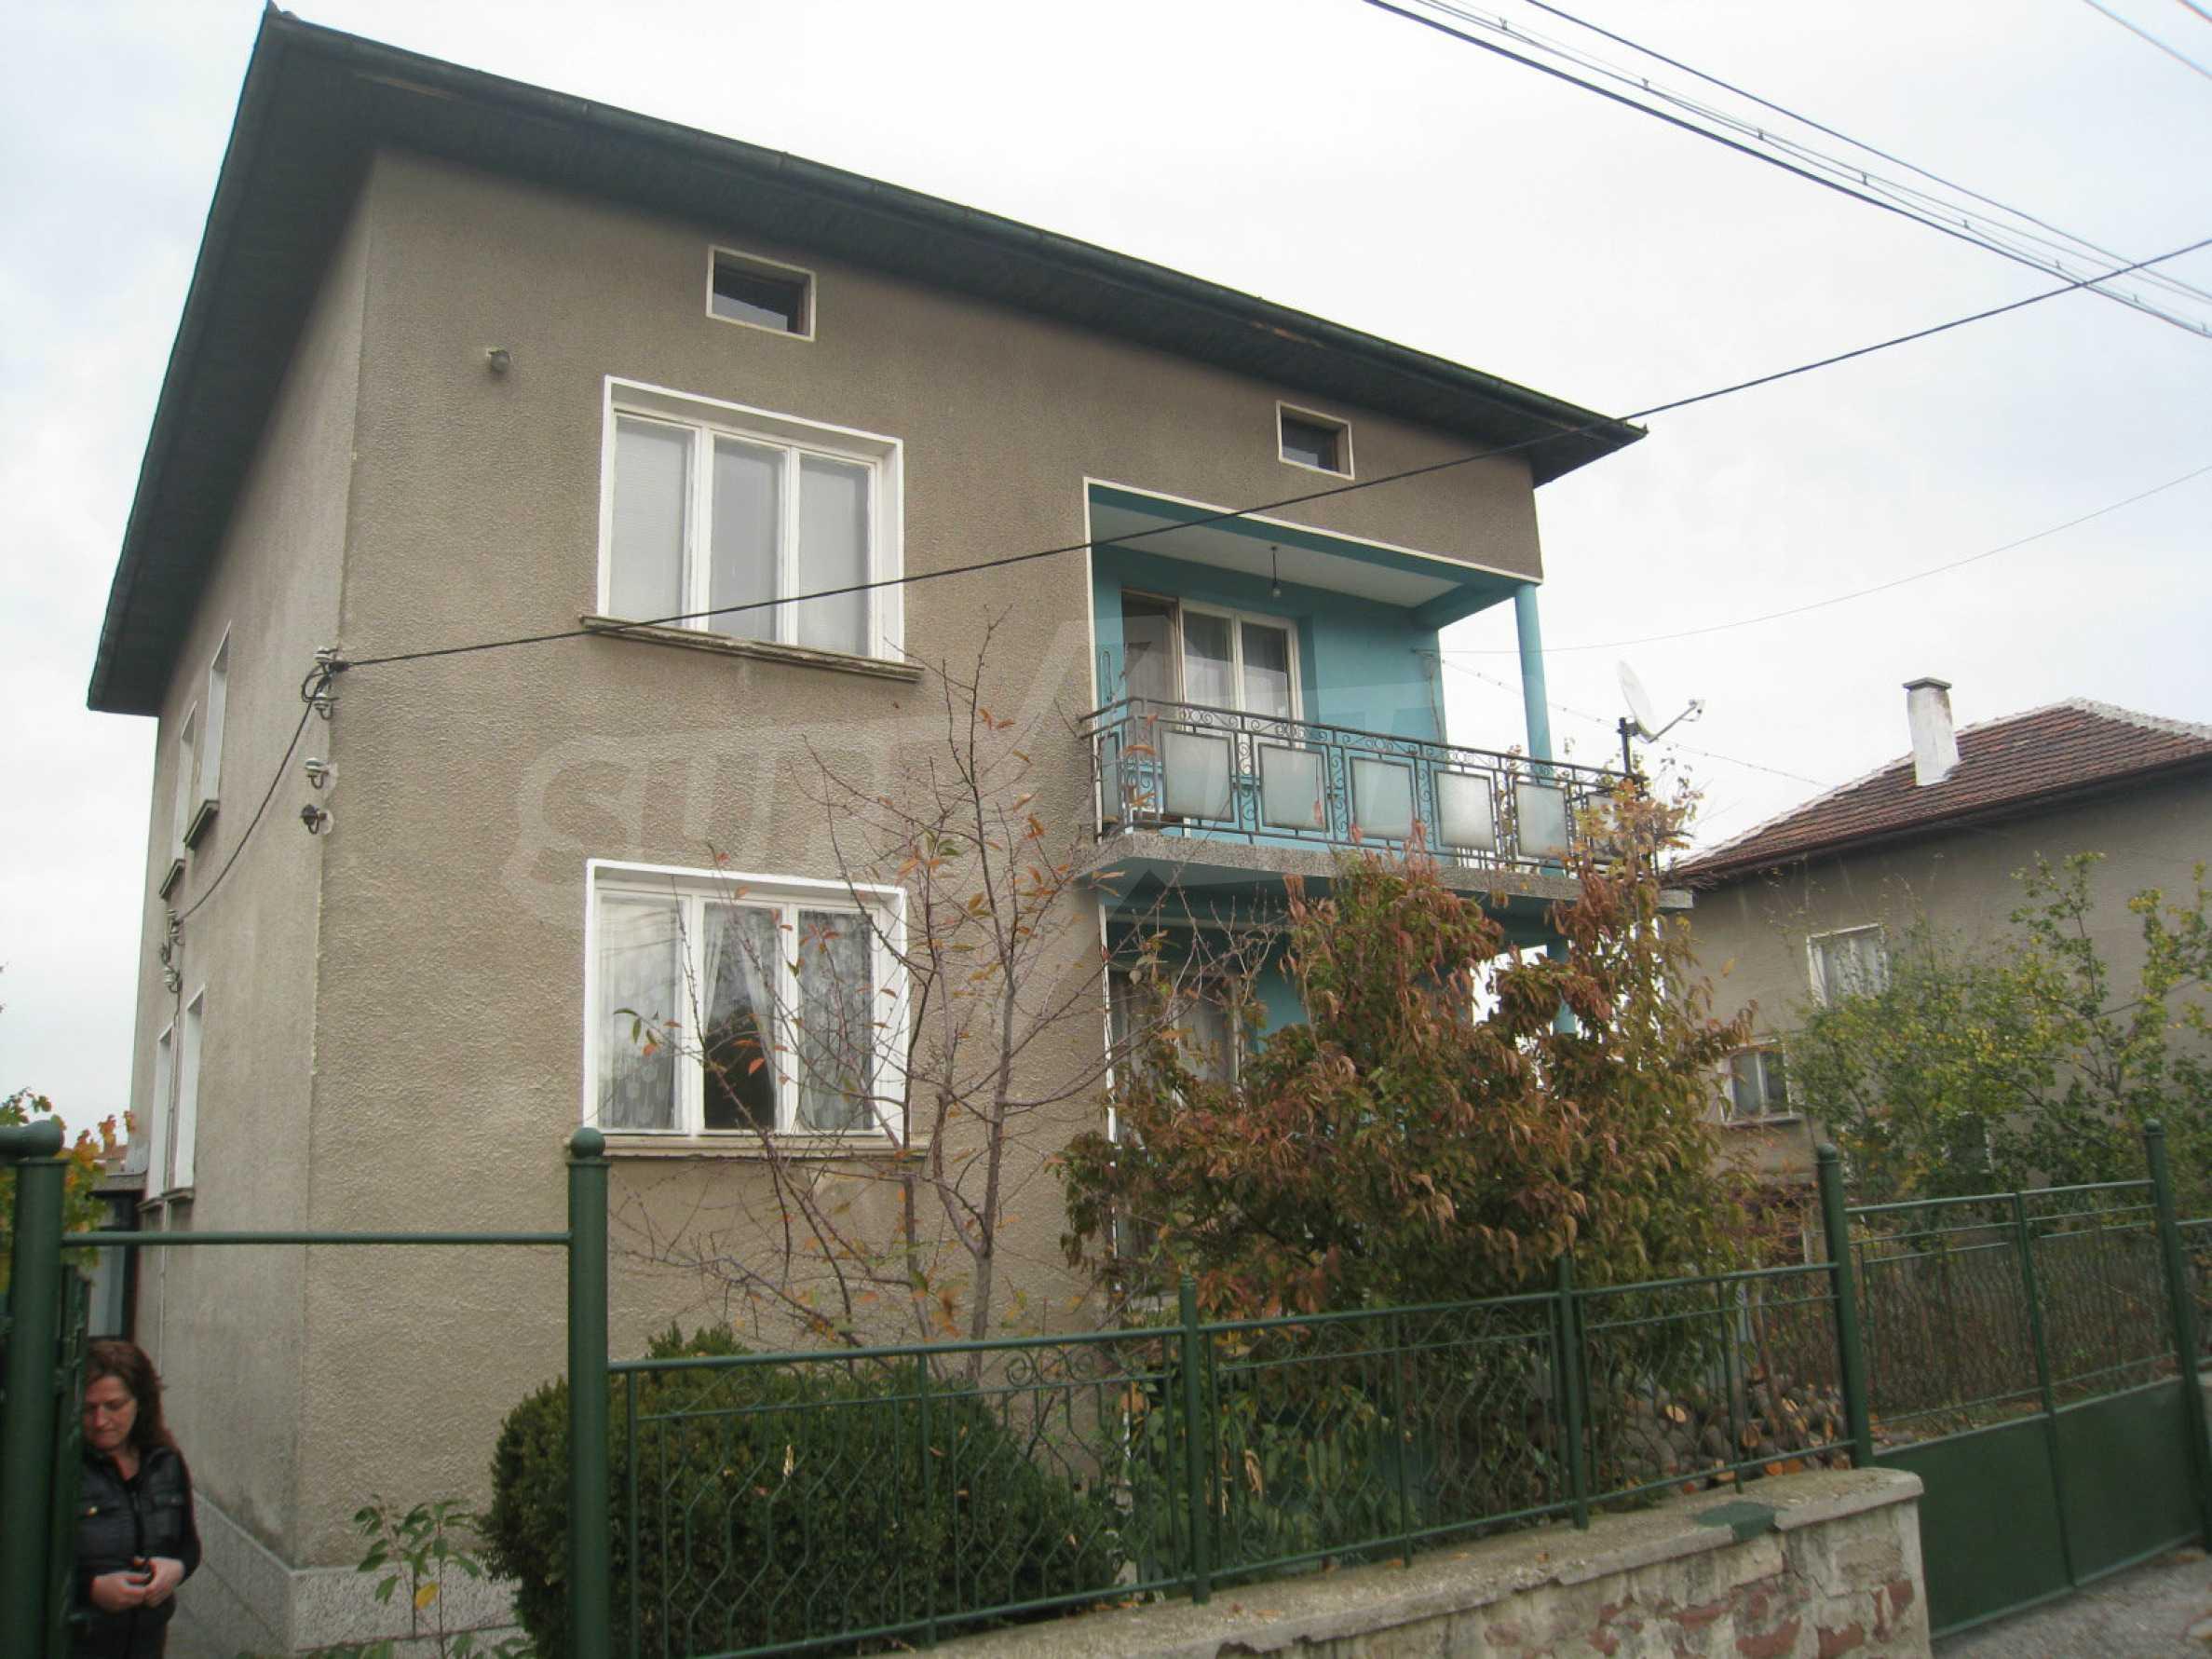 Großes zweistöckiges Haus mit Hof in einem Dorf in der Nähe von Sofia 1